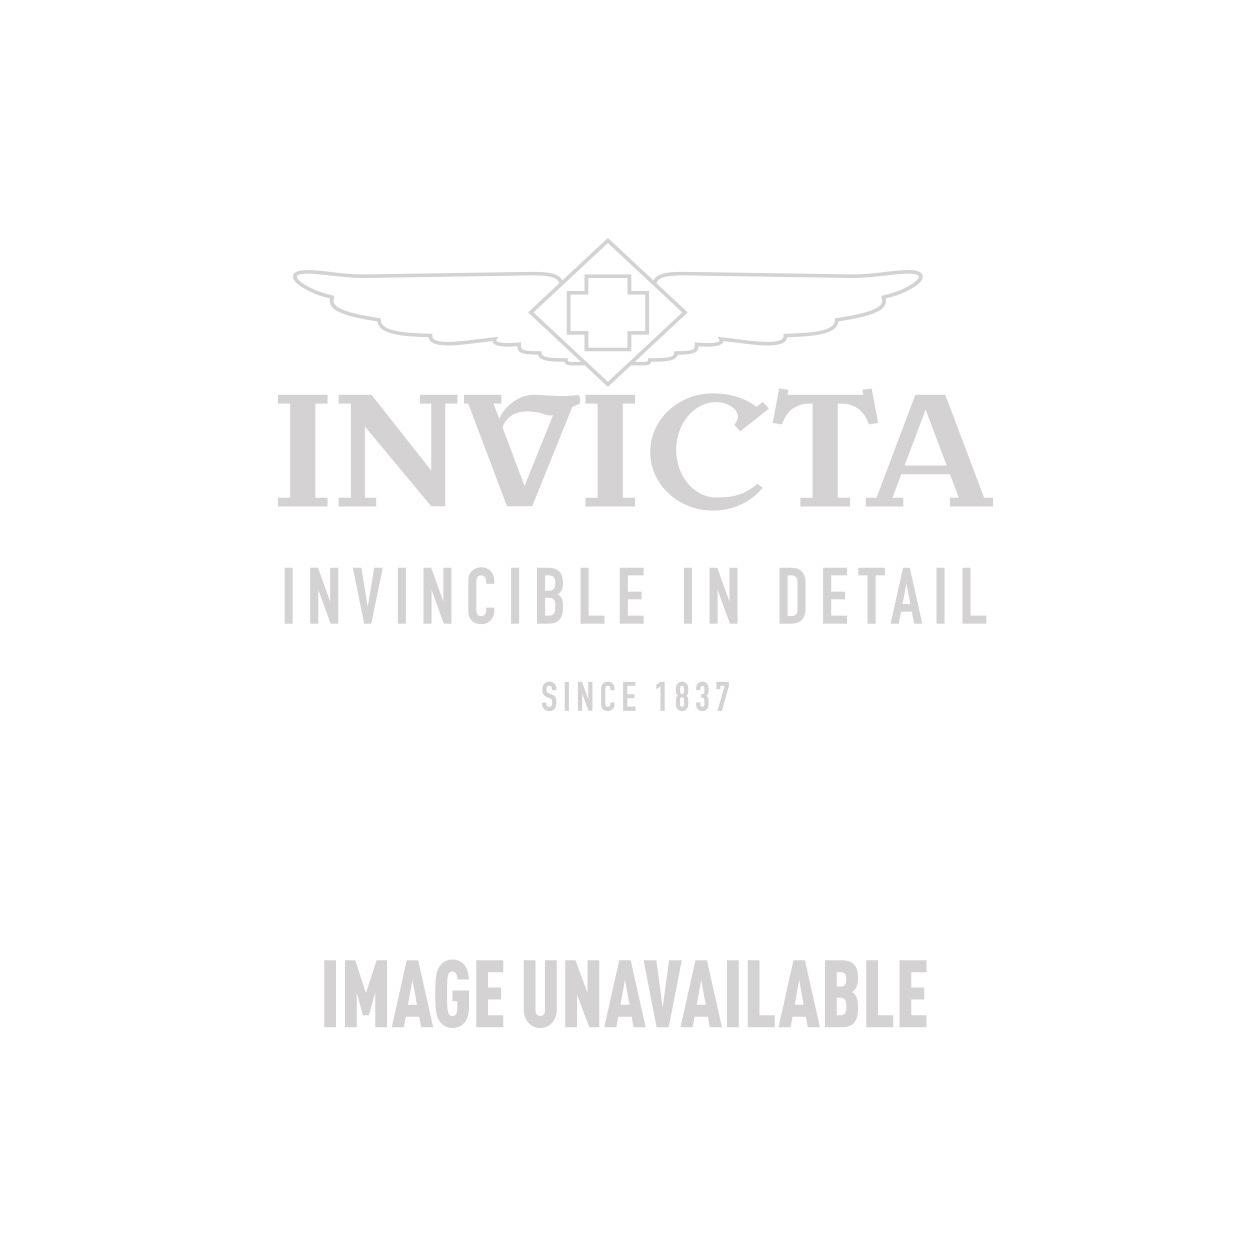 Invicta Model 28771